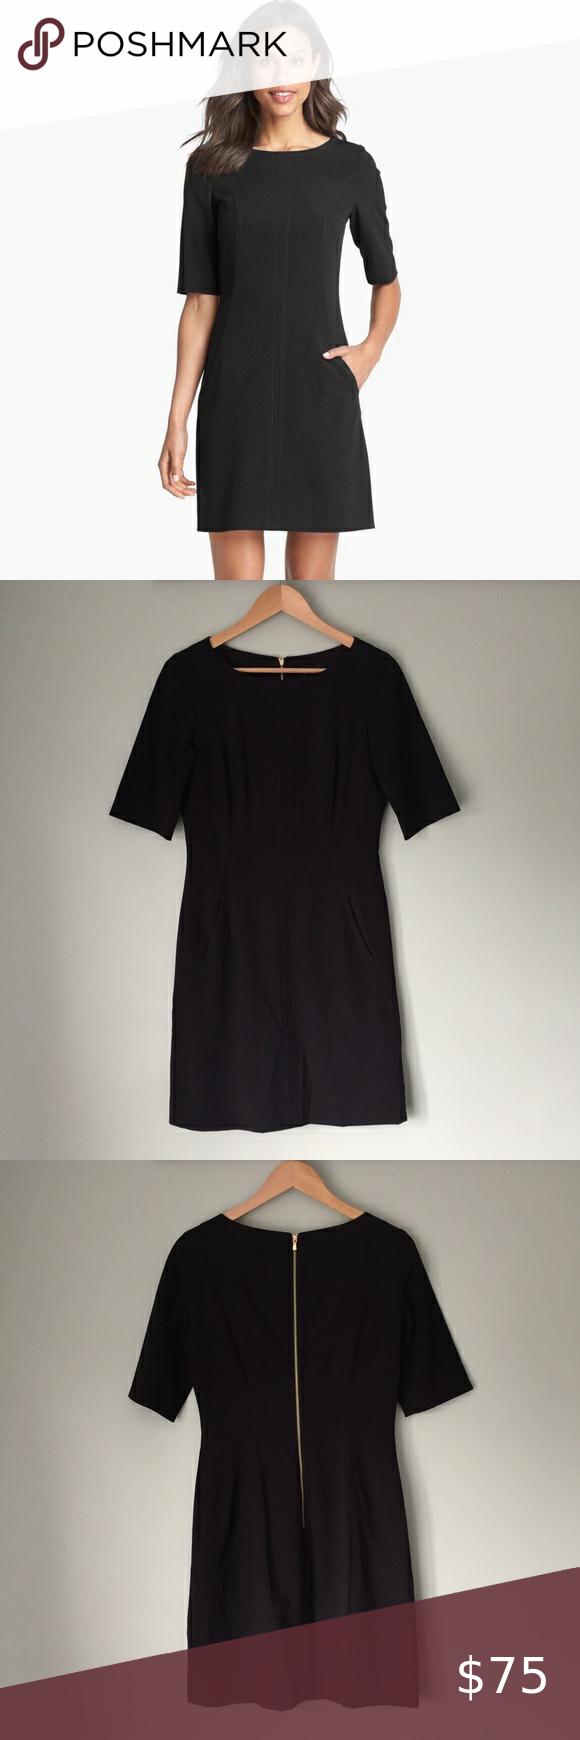 Tahari Seamed A Line Dress In Black A Line Dress Clothes Design Tahari Dress [ 1740 x 580 Pixel ]